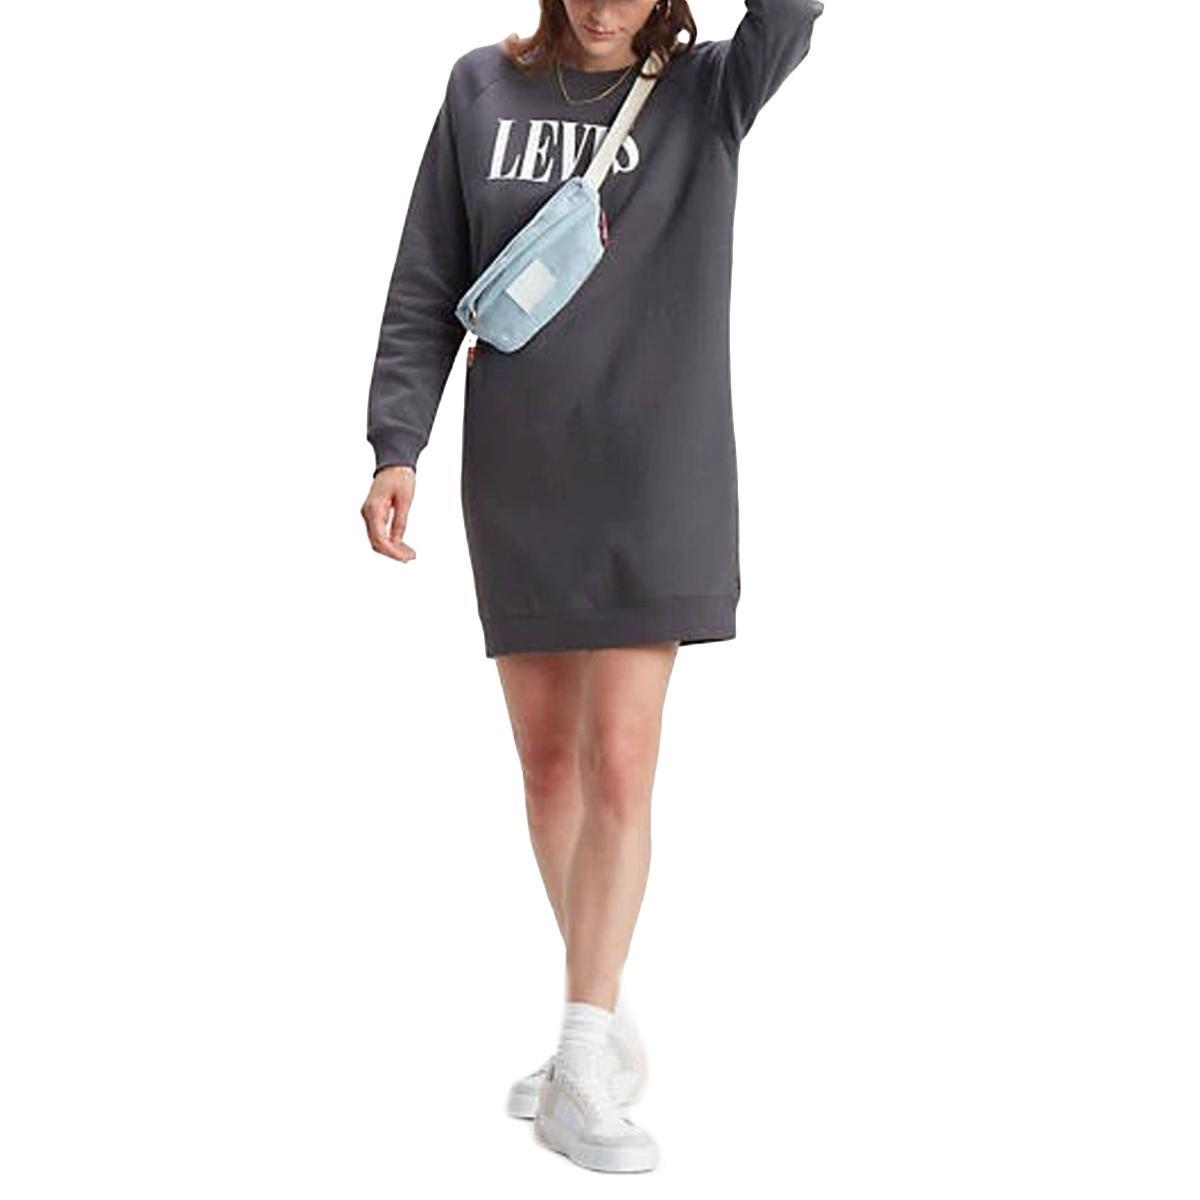 Vestitino Abito Levi's Crew Sweatshirt dress in felpa da donna rif. 81860-0003